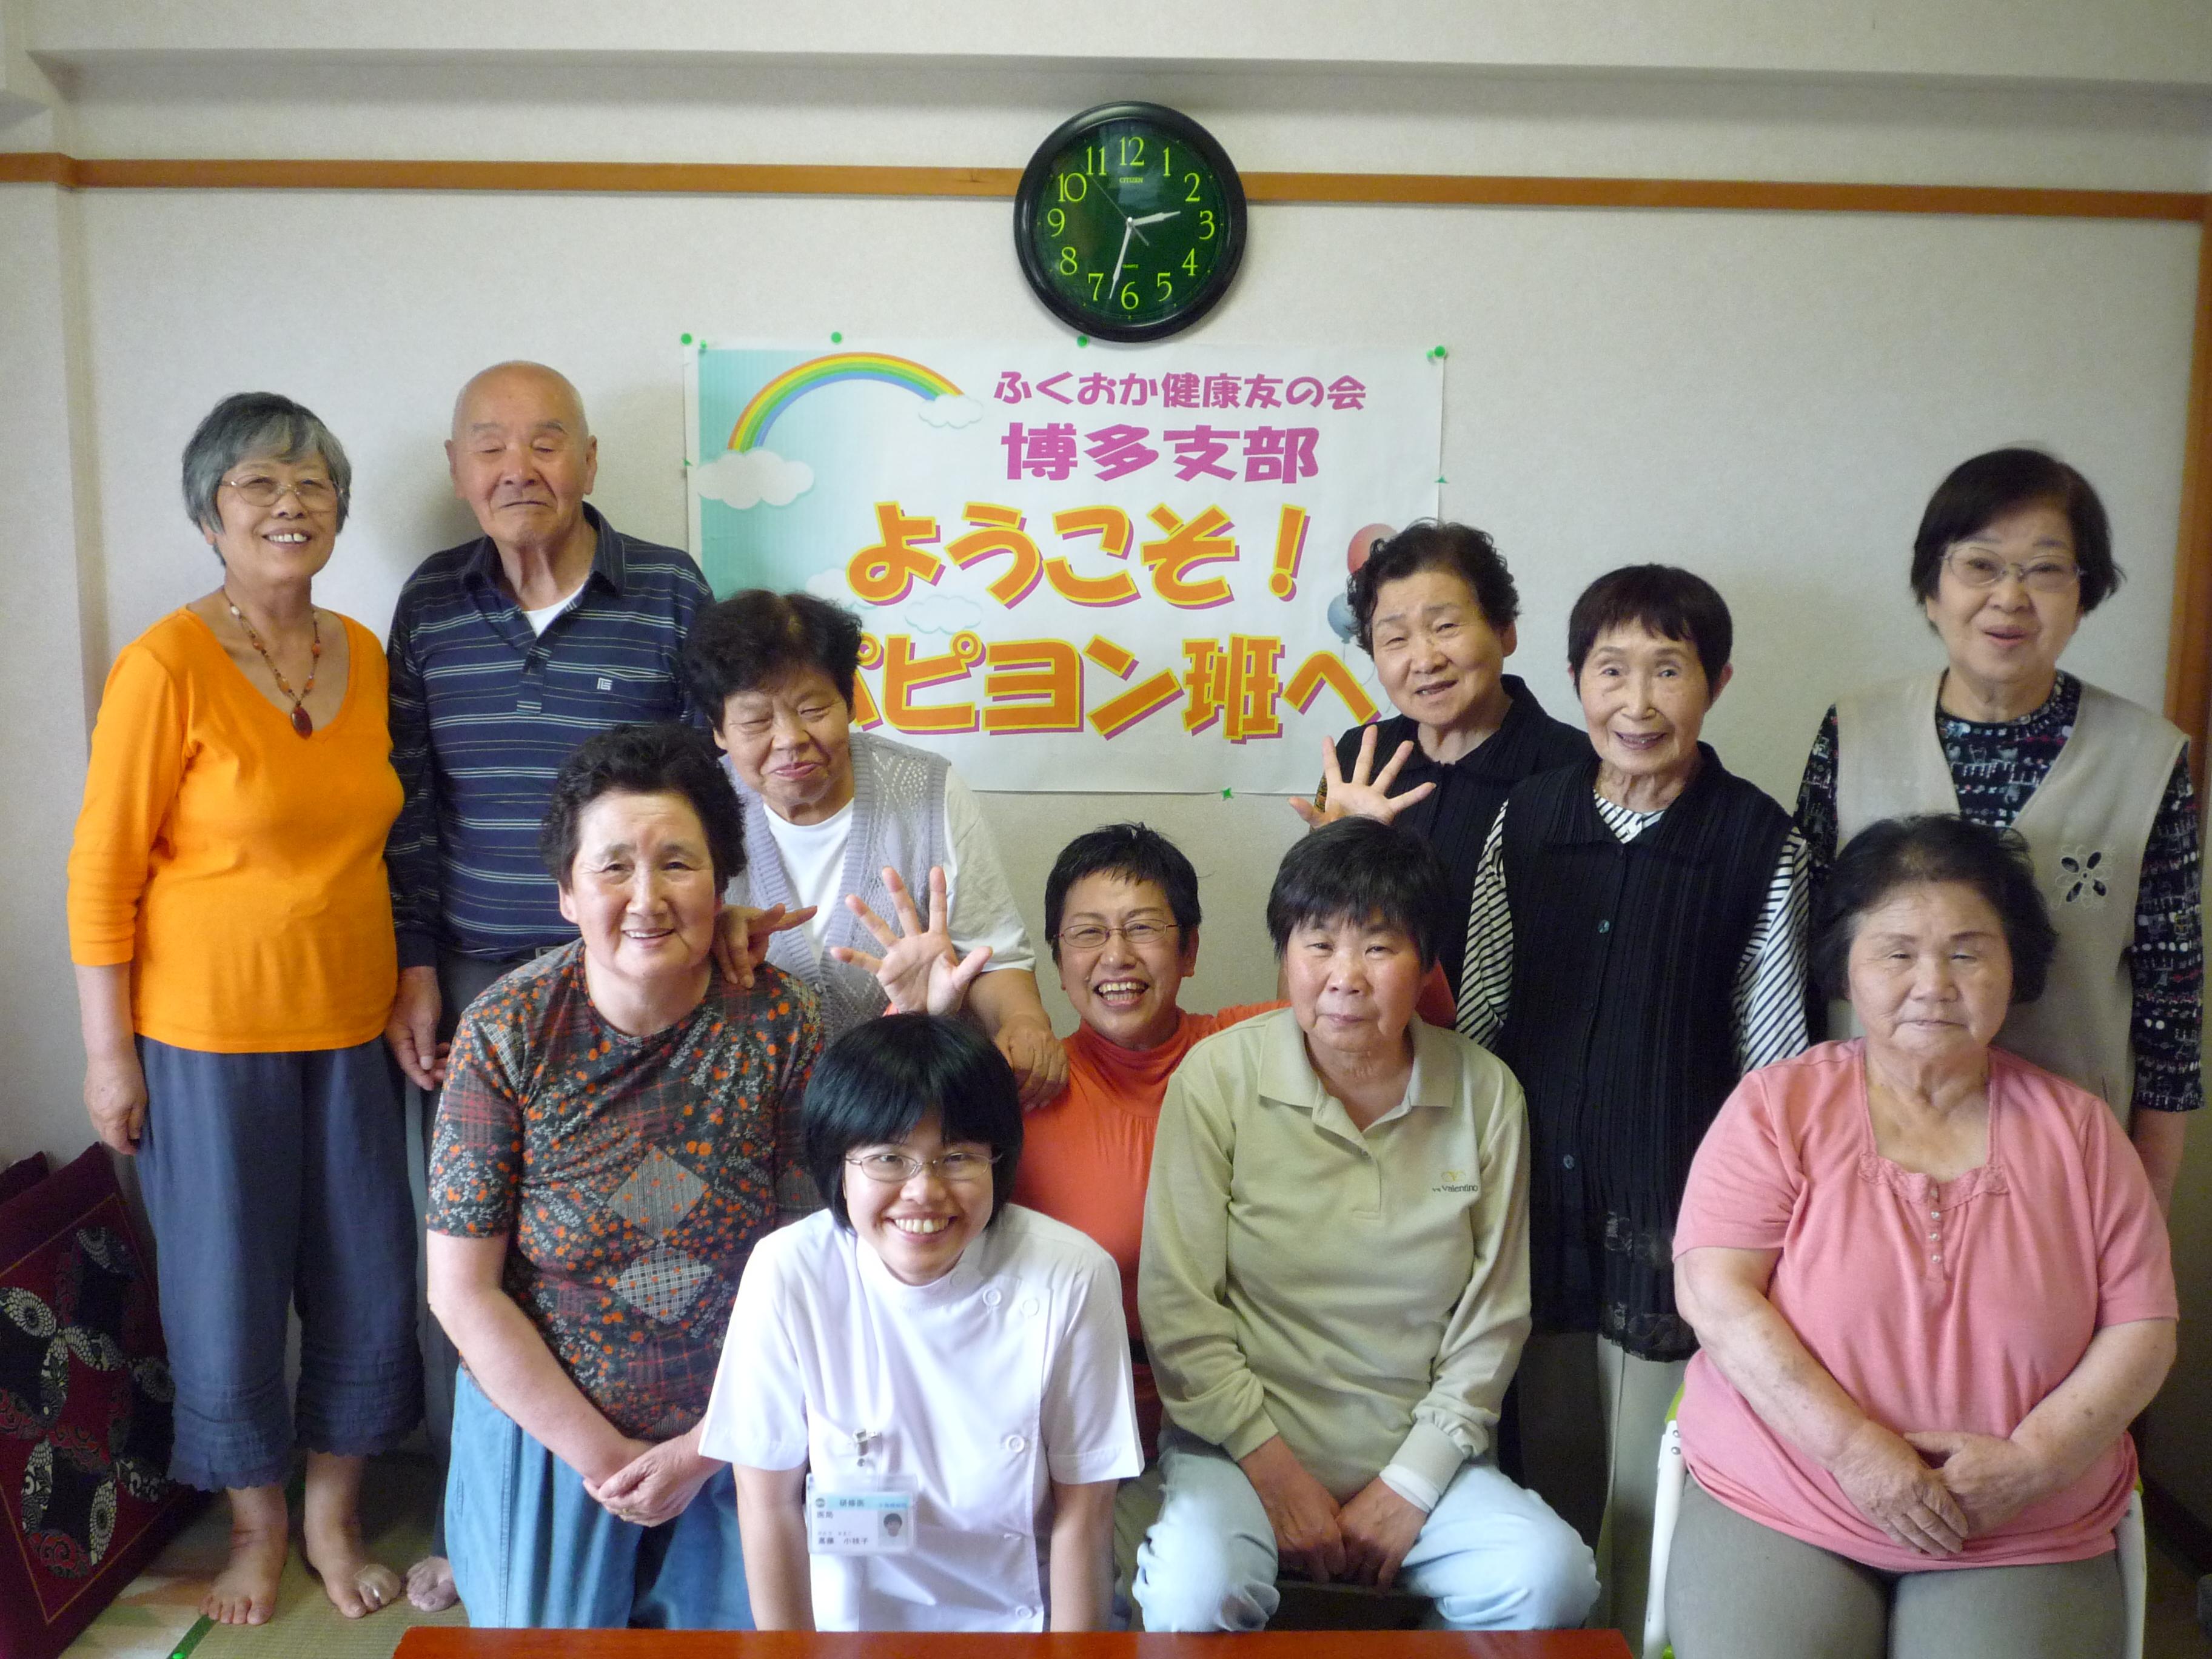 http://www.chidoribashi-resident.jp/blog/P1160804.JPG